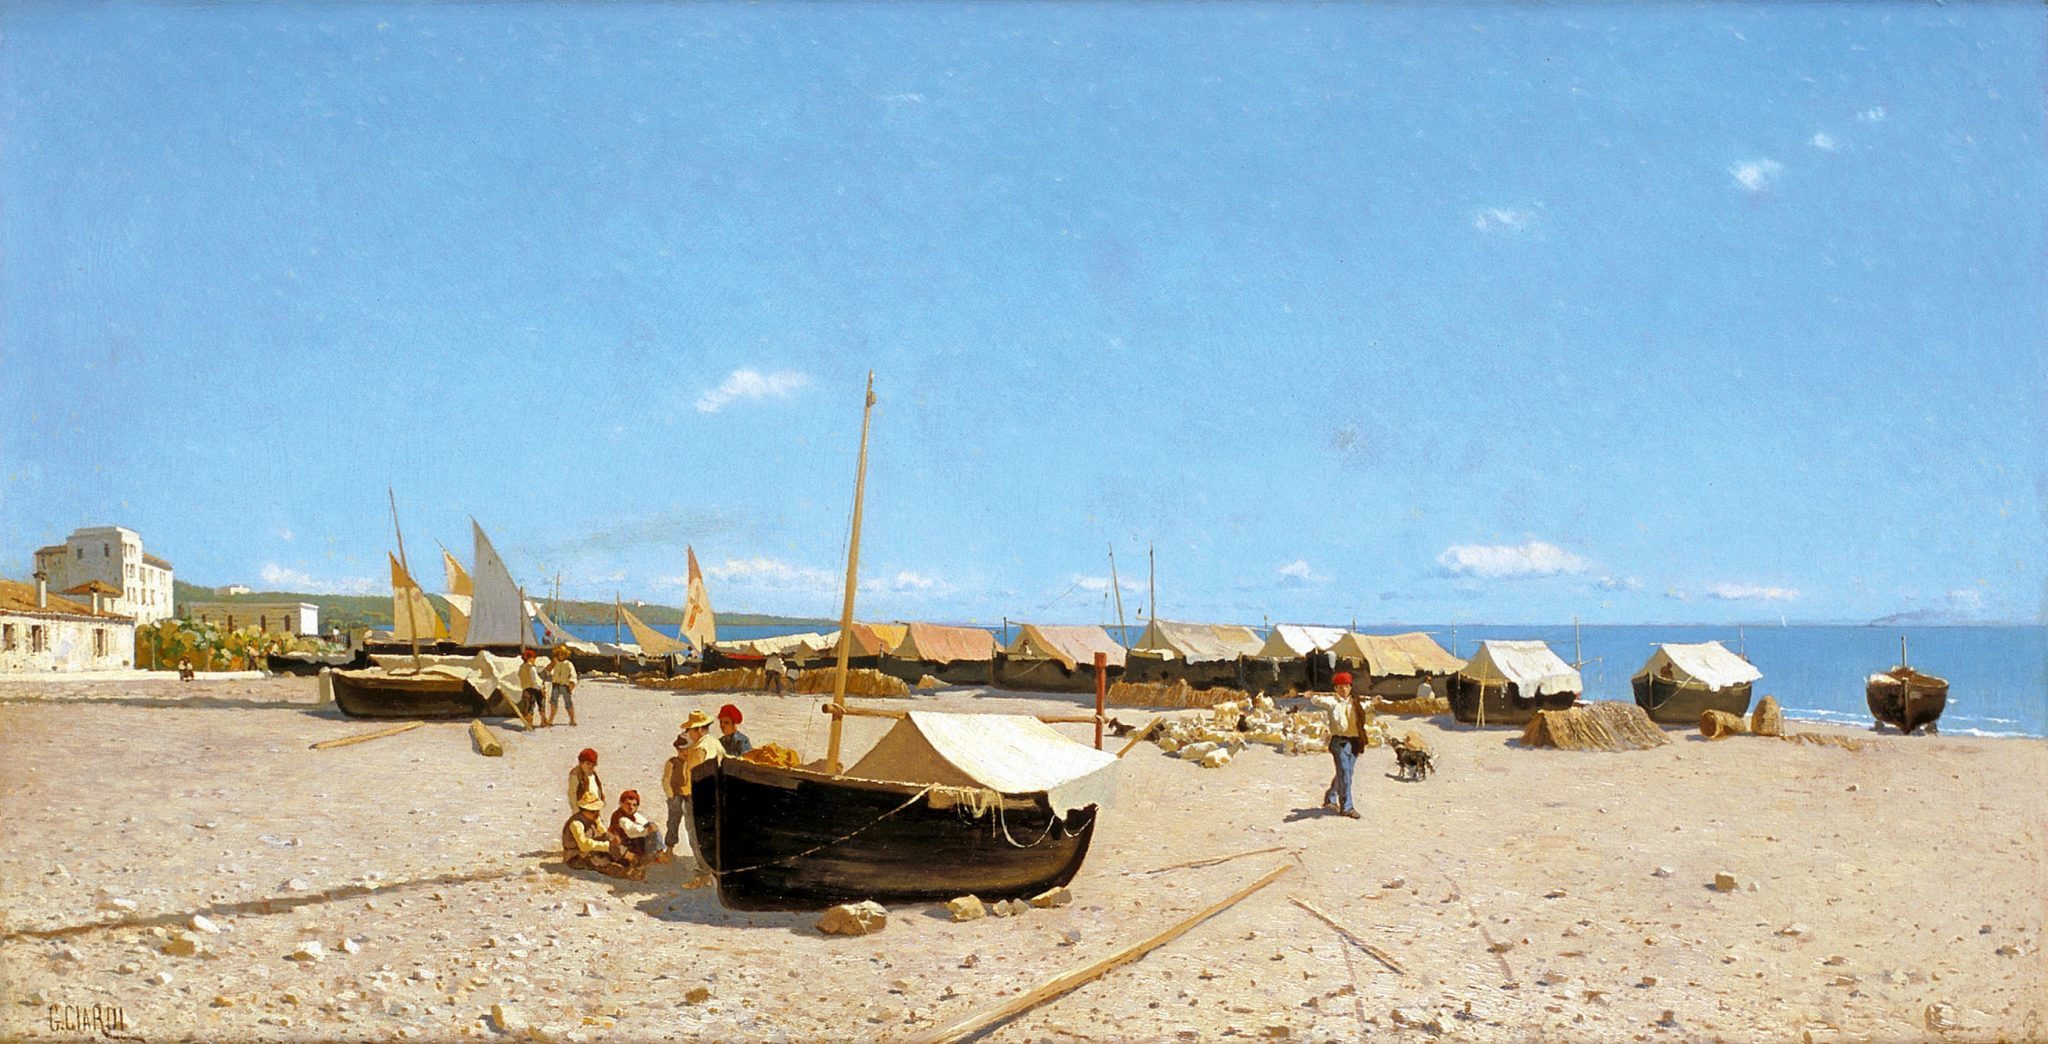 Guglielmo Ciardi, Il Porto di Anzio, 1874 circa, olio su tela, 46 x 88 cm